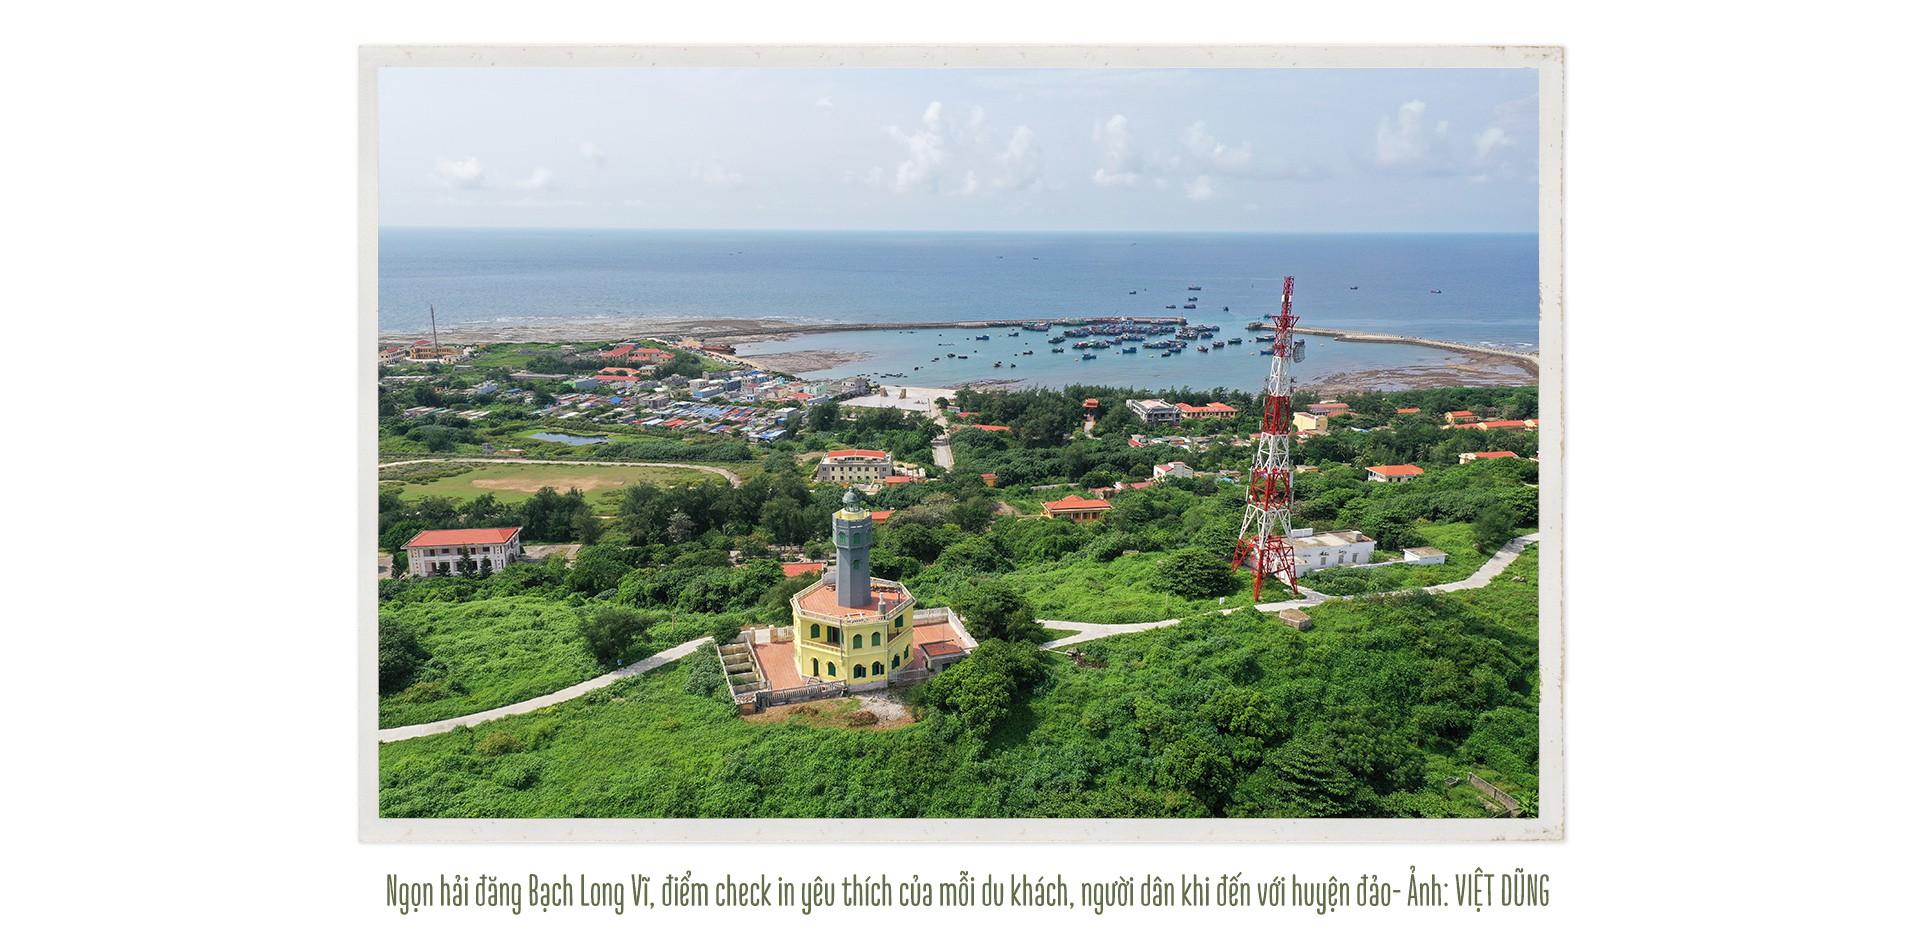 Ở xứ sở bào ngư Bạch Long Vĩ - Ảnh 8.